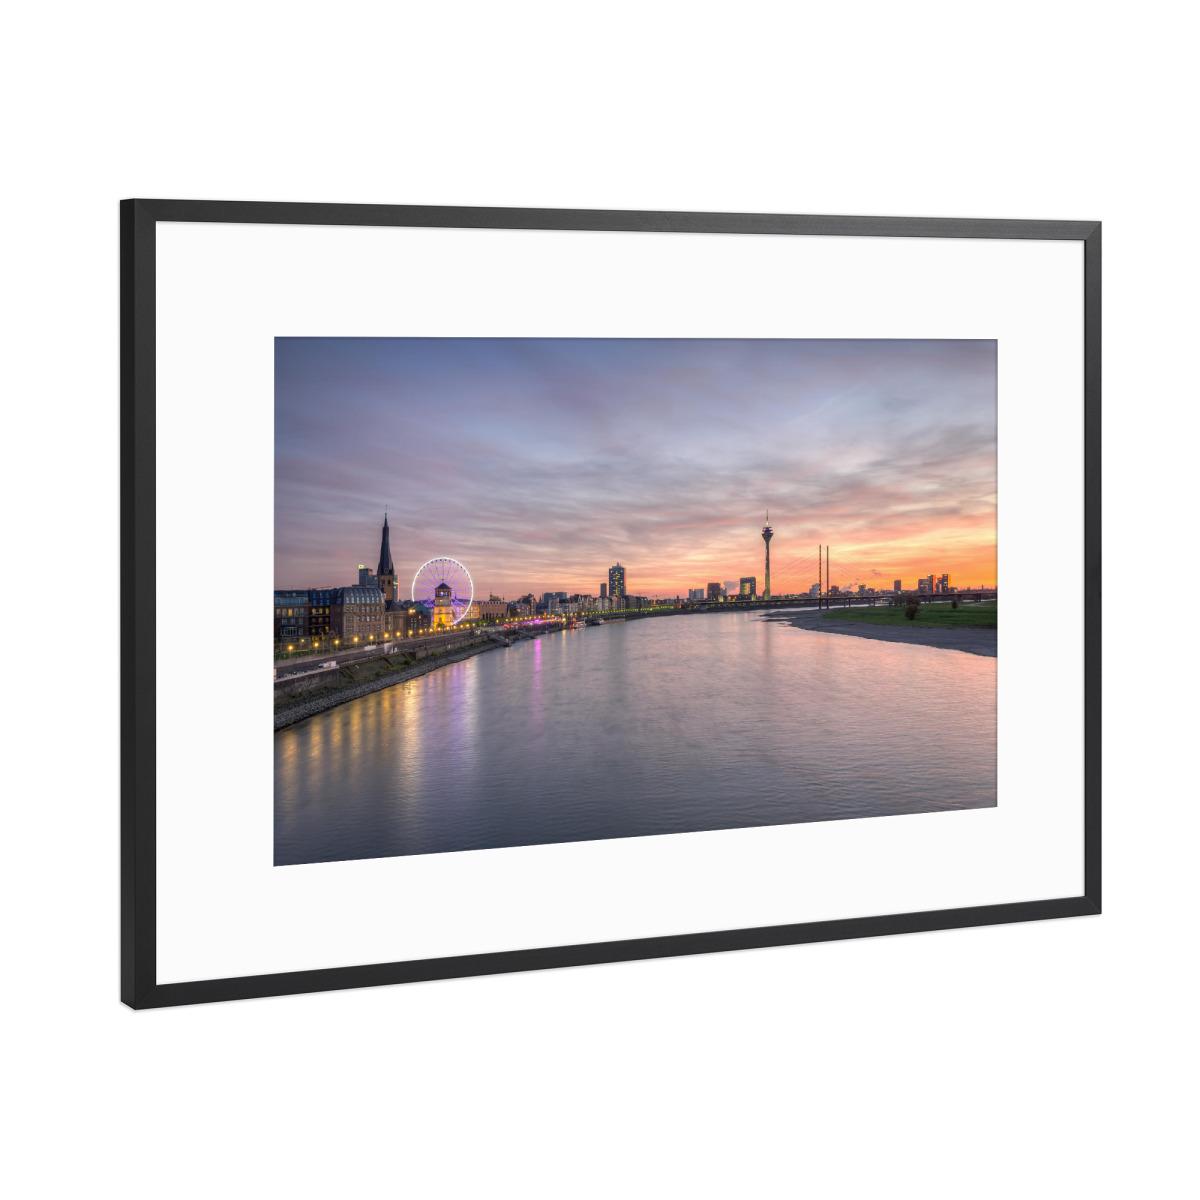 Düsseldorf Skyline als Gerahmt bei artboxONE kaufen